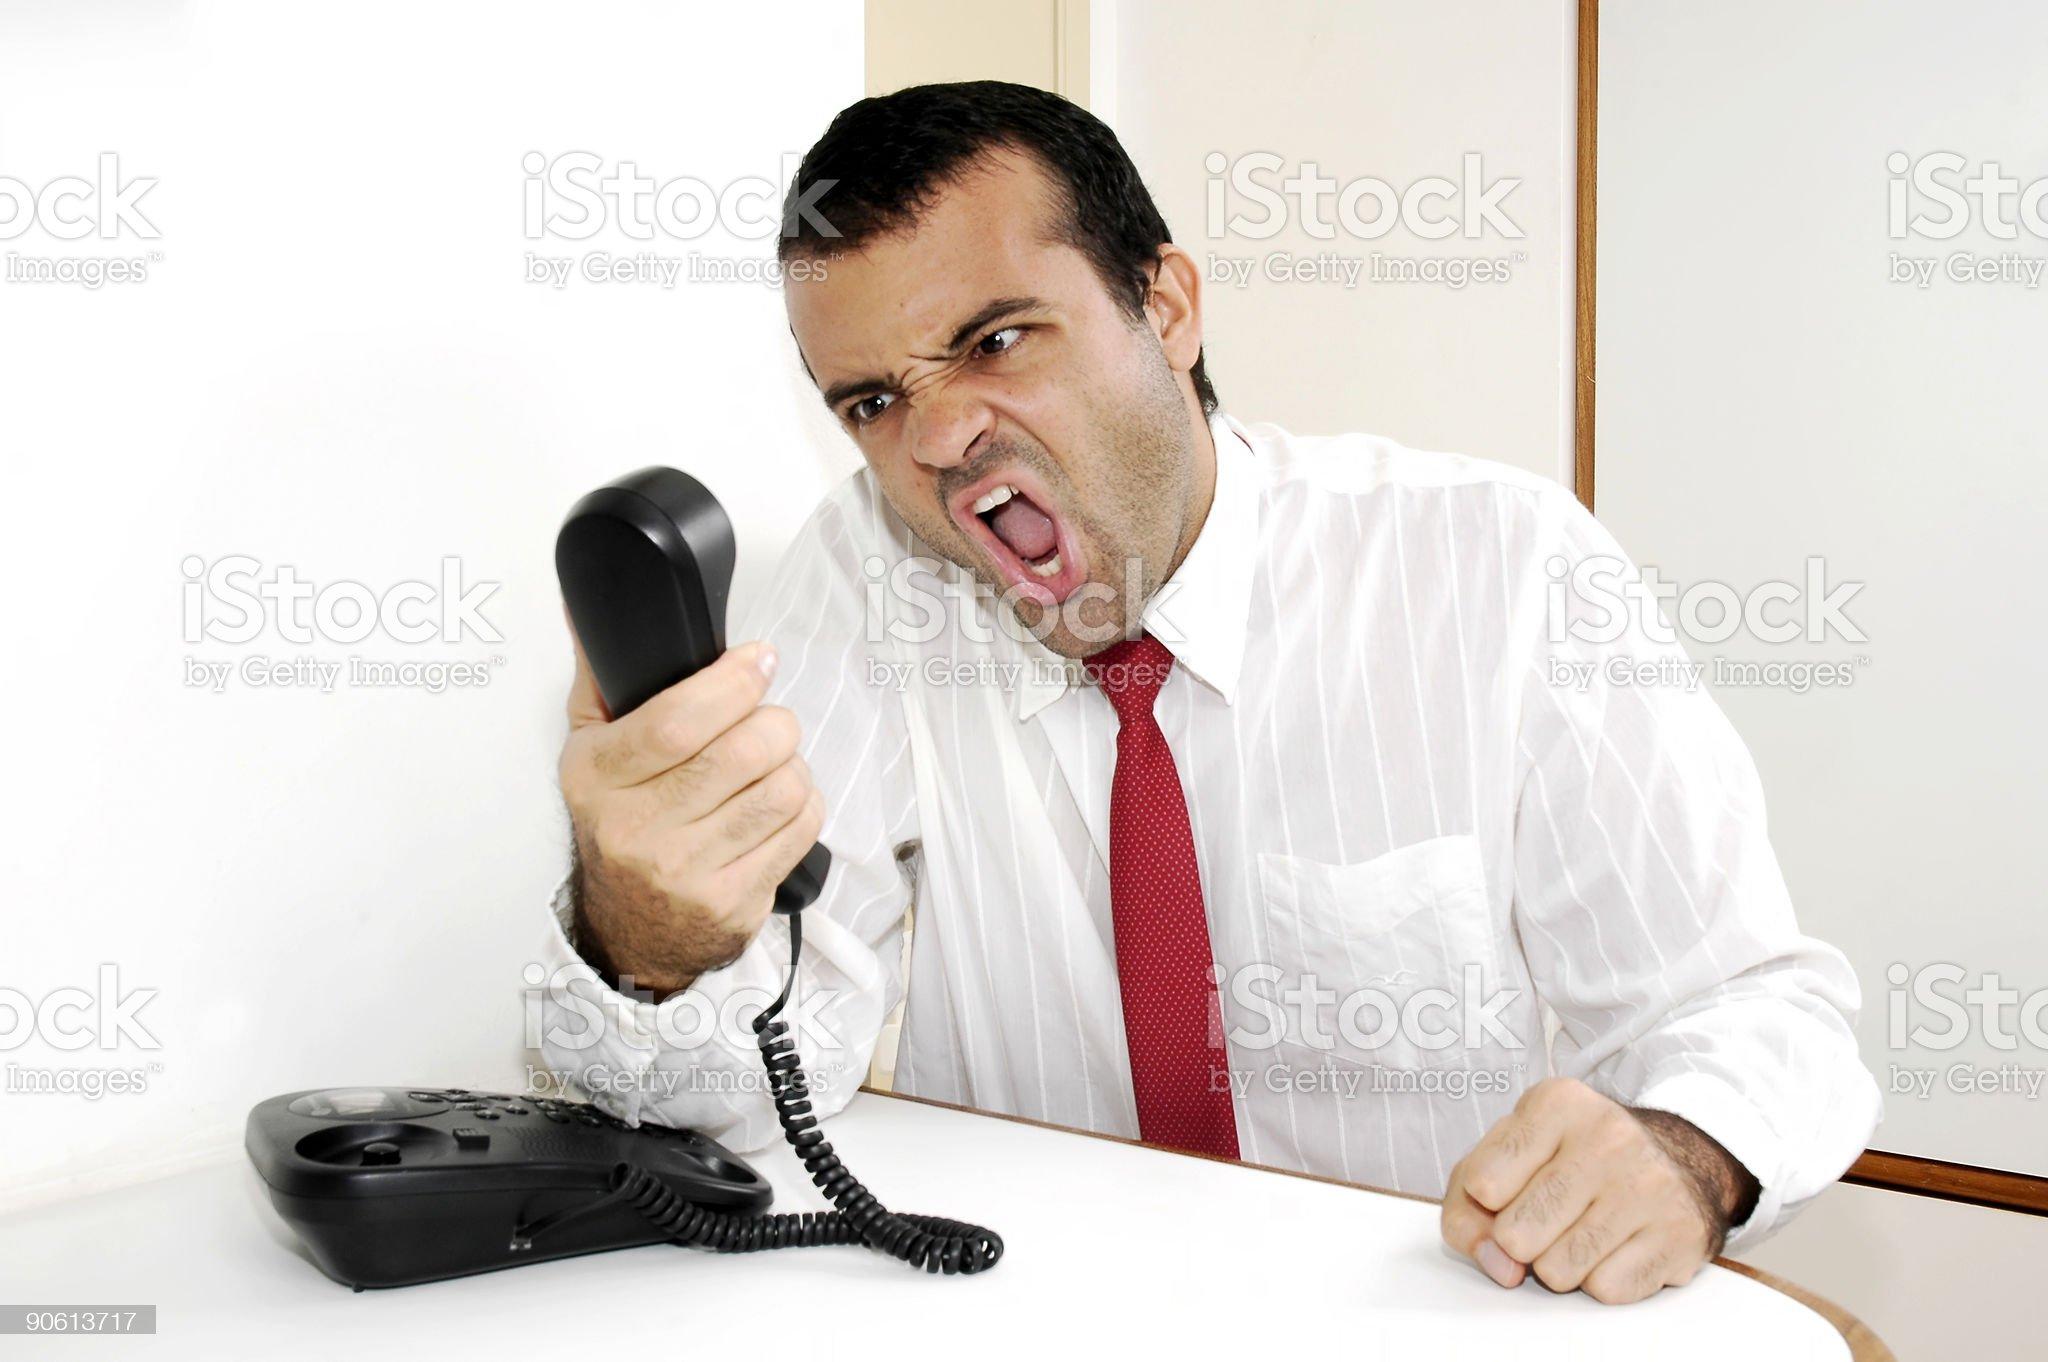 Nervous Communication royalty-free stock photo